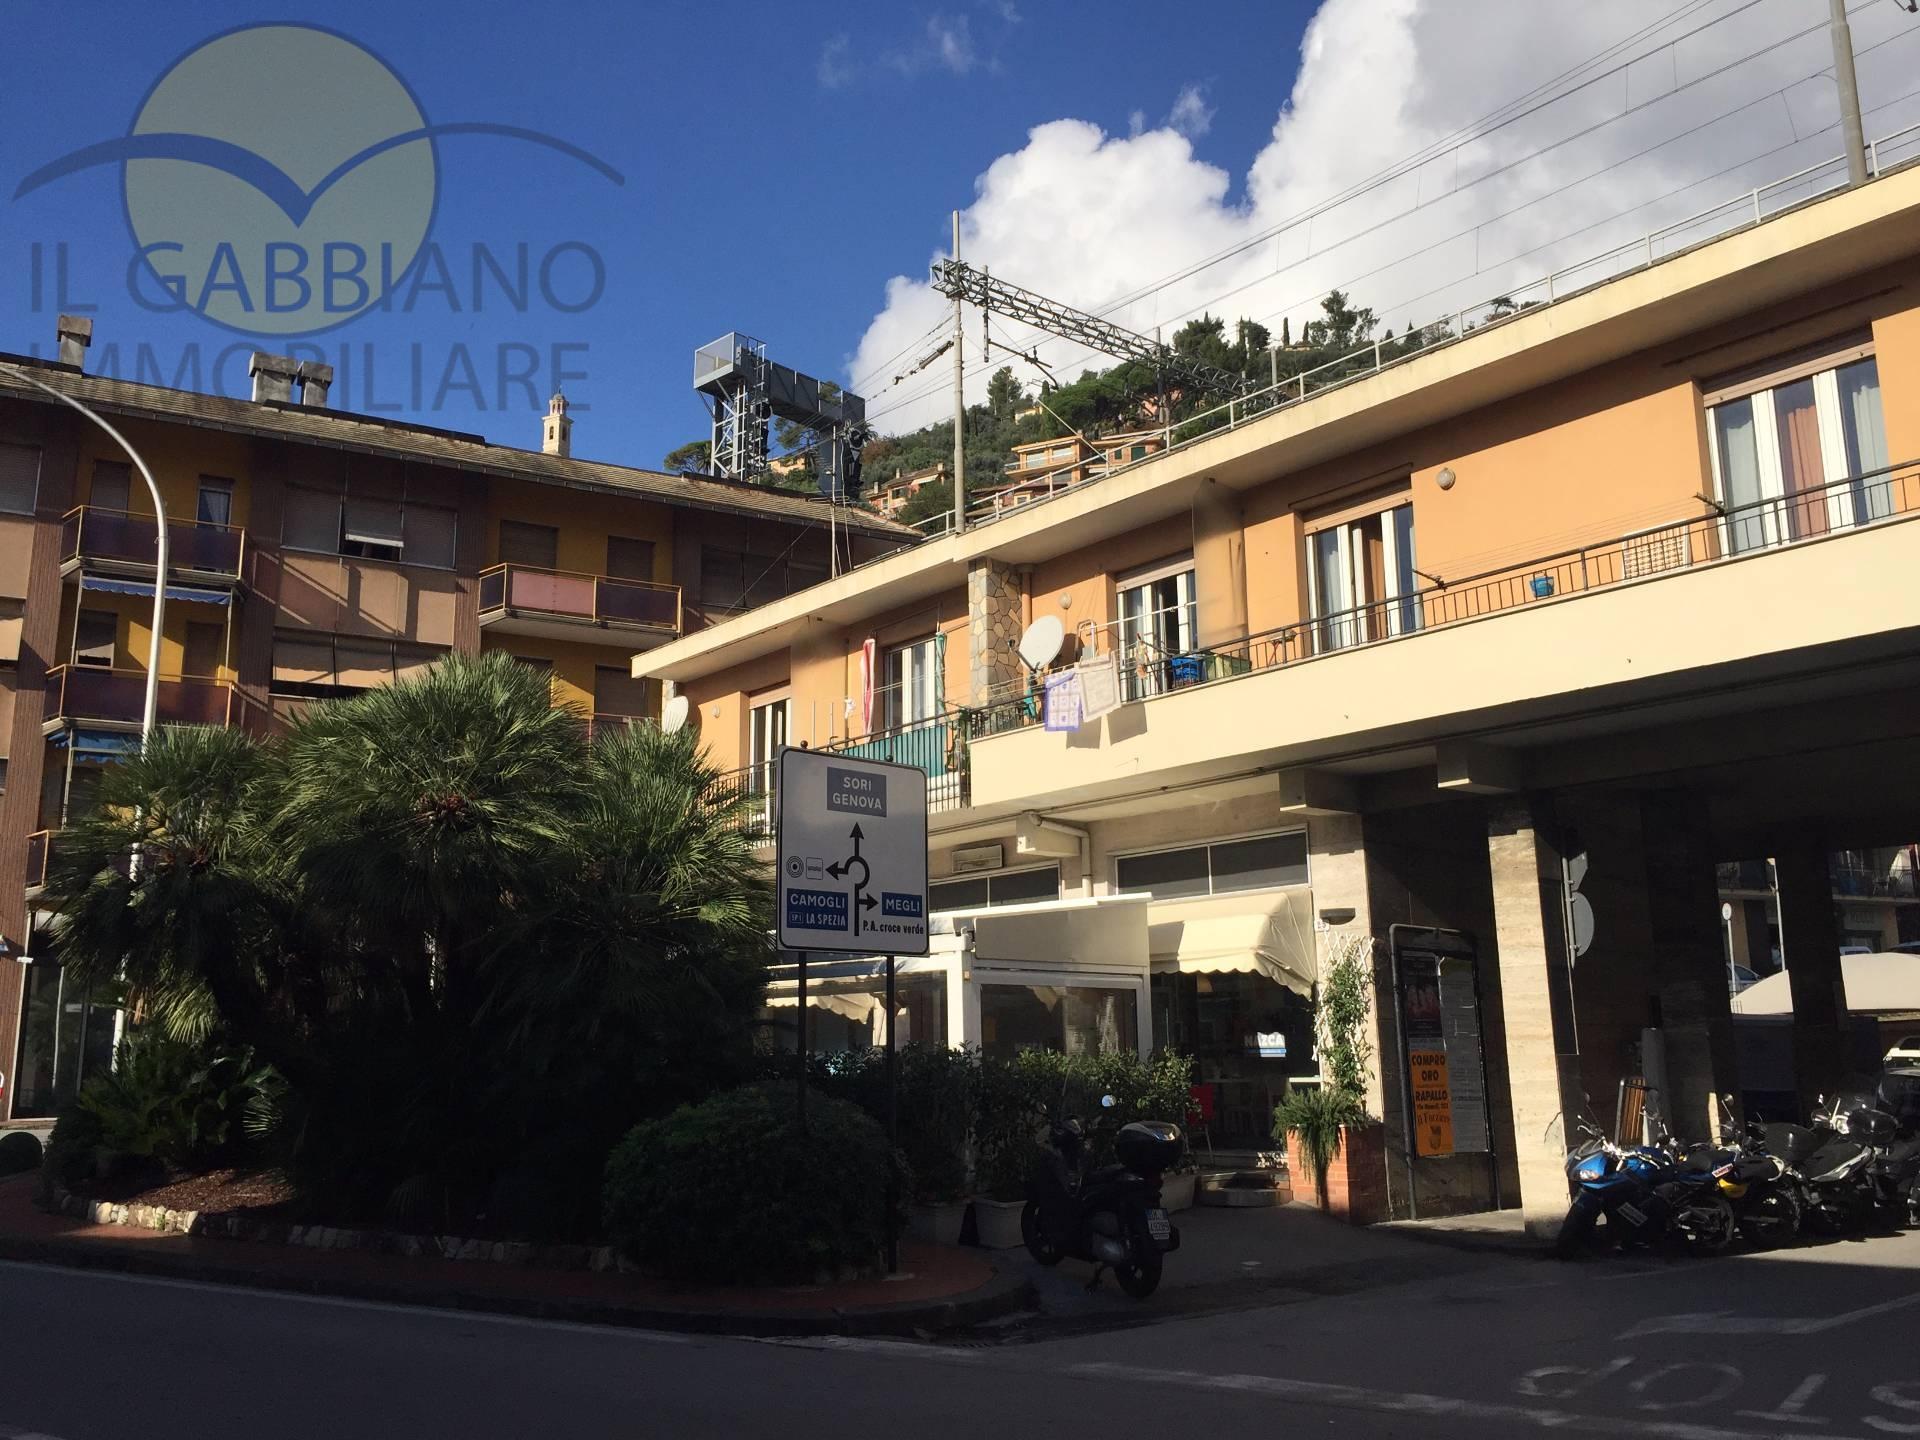 Appartamento in affitto a Recco, 5 locali, zona Località: centralissimo, prezzo € 600 | Cambio Casa.it